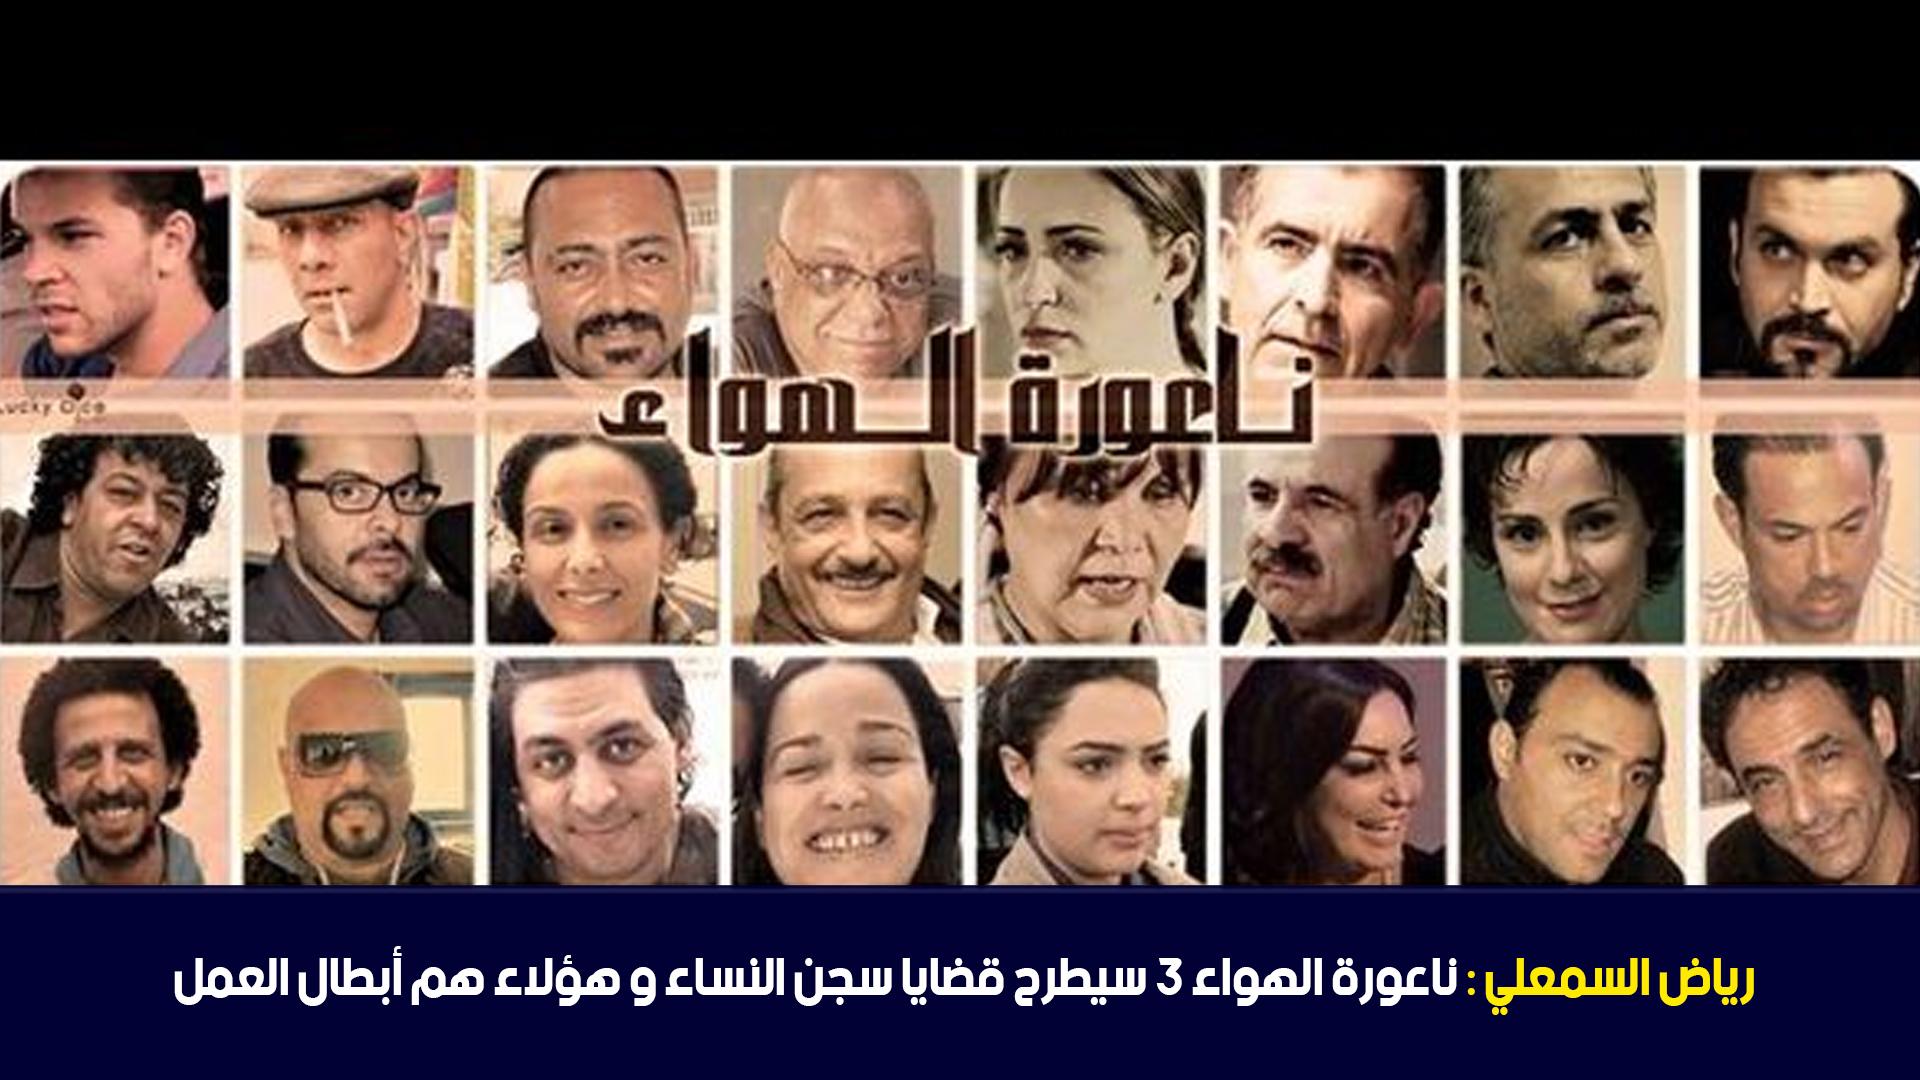 رياض السمعلي : ناعورة الهواء 3 سيطرح قضايا سجن النساء و هؤلاء هم أبطال العمل